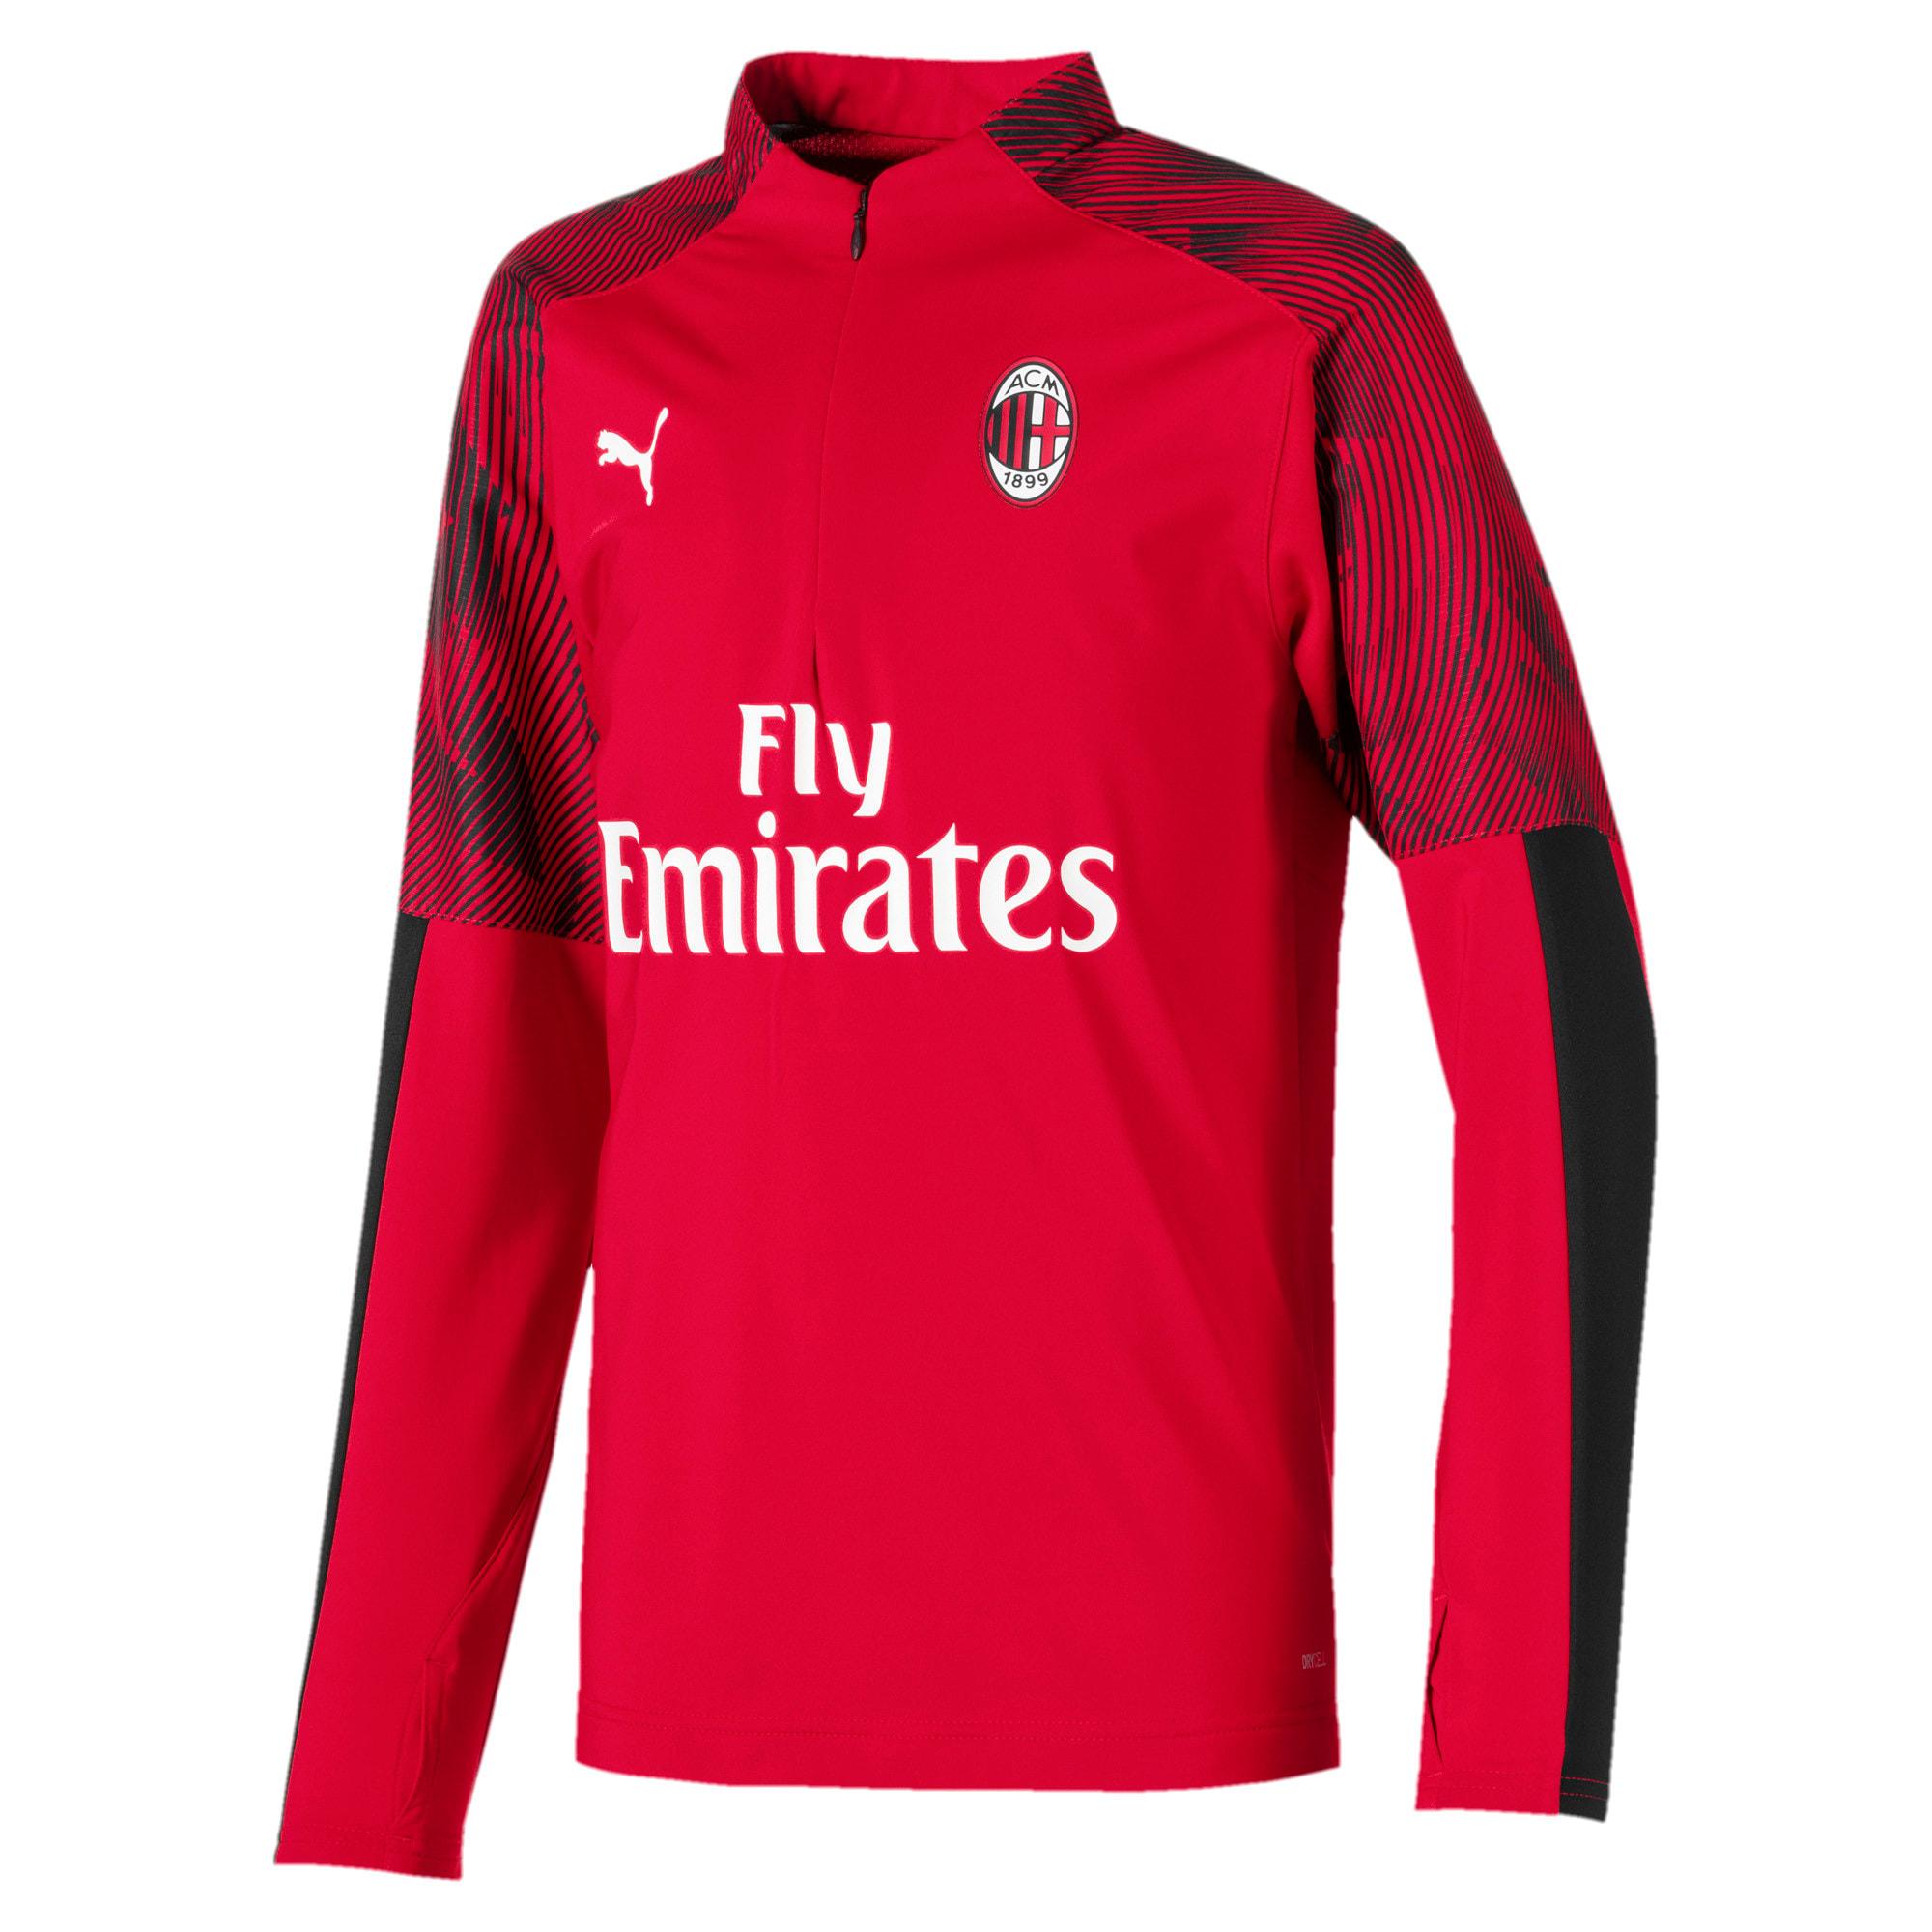 Thumbnail 1 of AC Milan Quarter Zip Kids' Top, Tango Red -Puma Black, medium